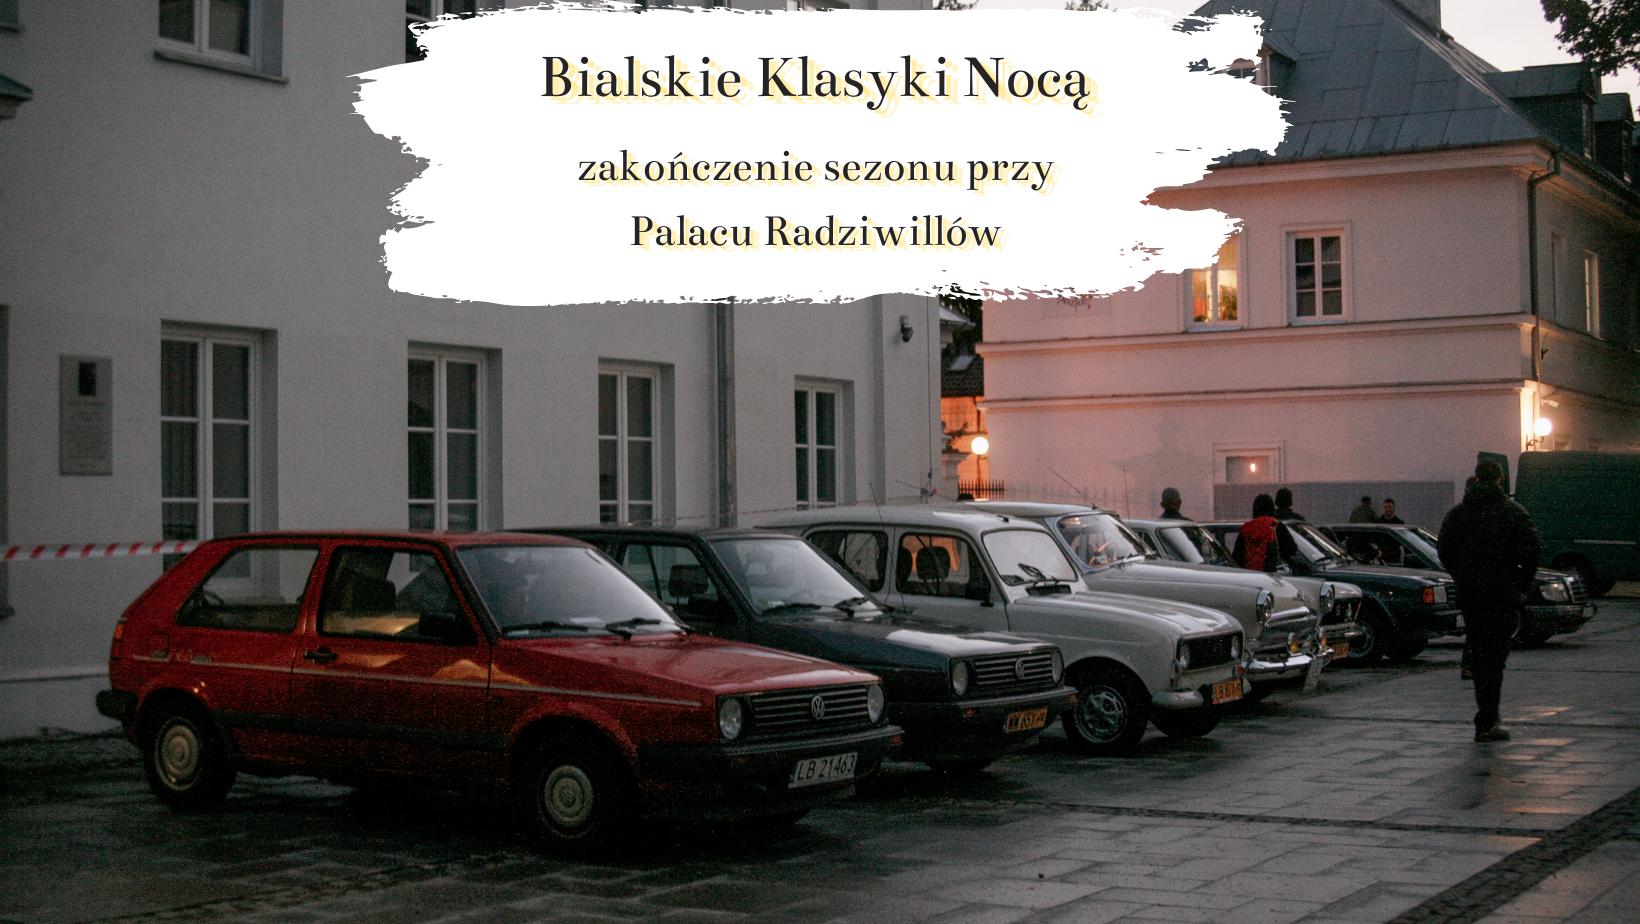 Bialskie Klasyki Nocą – Klasyczny Piątek u Radziwiłłów. Jakie auta można zobaczyć w lubelskim po zmroku?